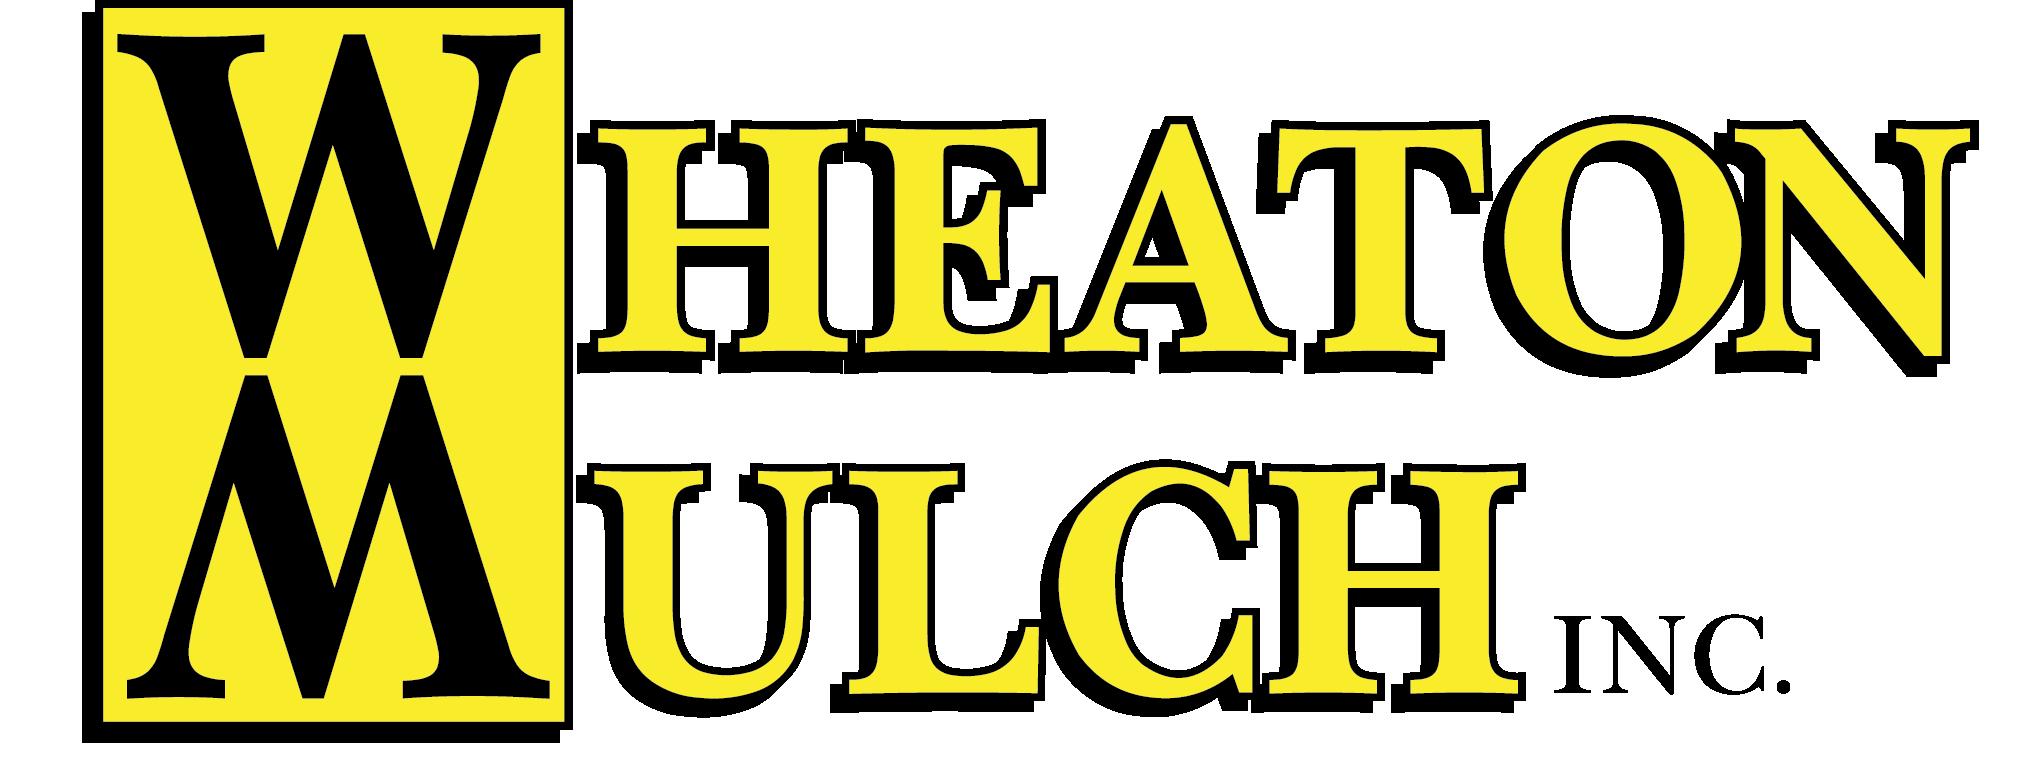 Wheaton Mulch Inc.